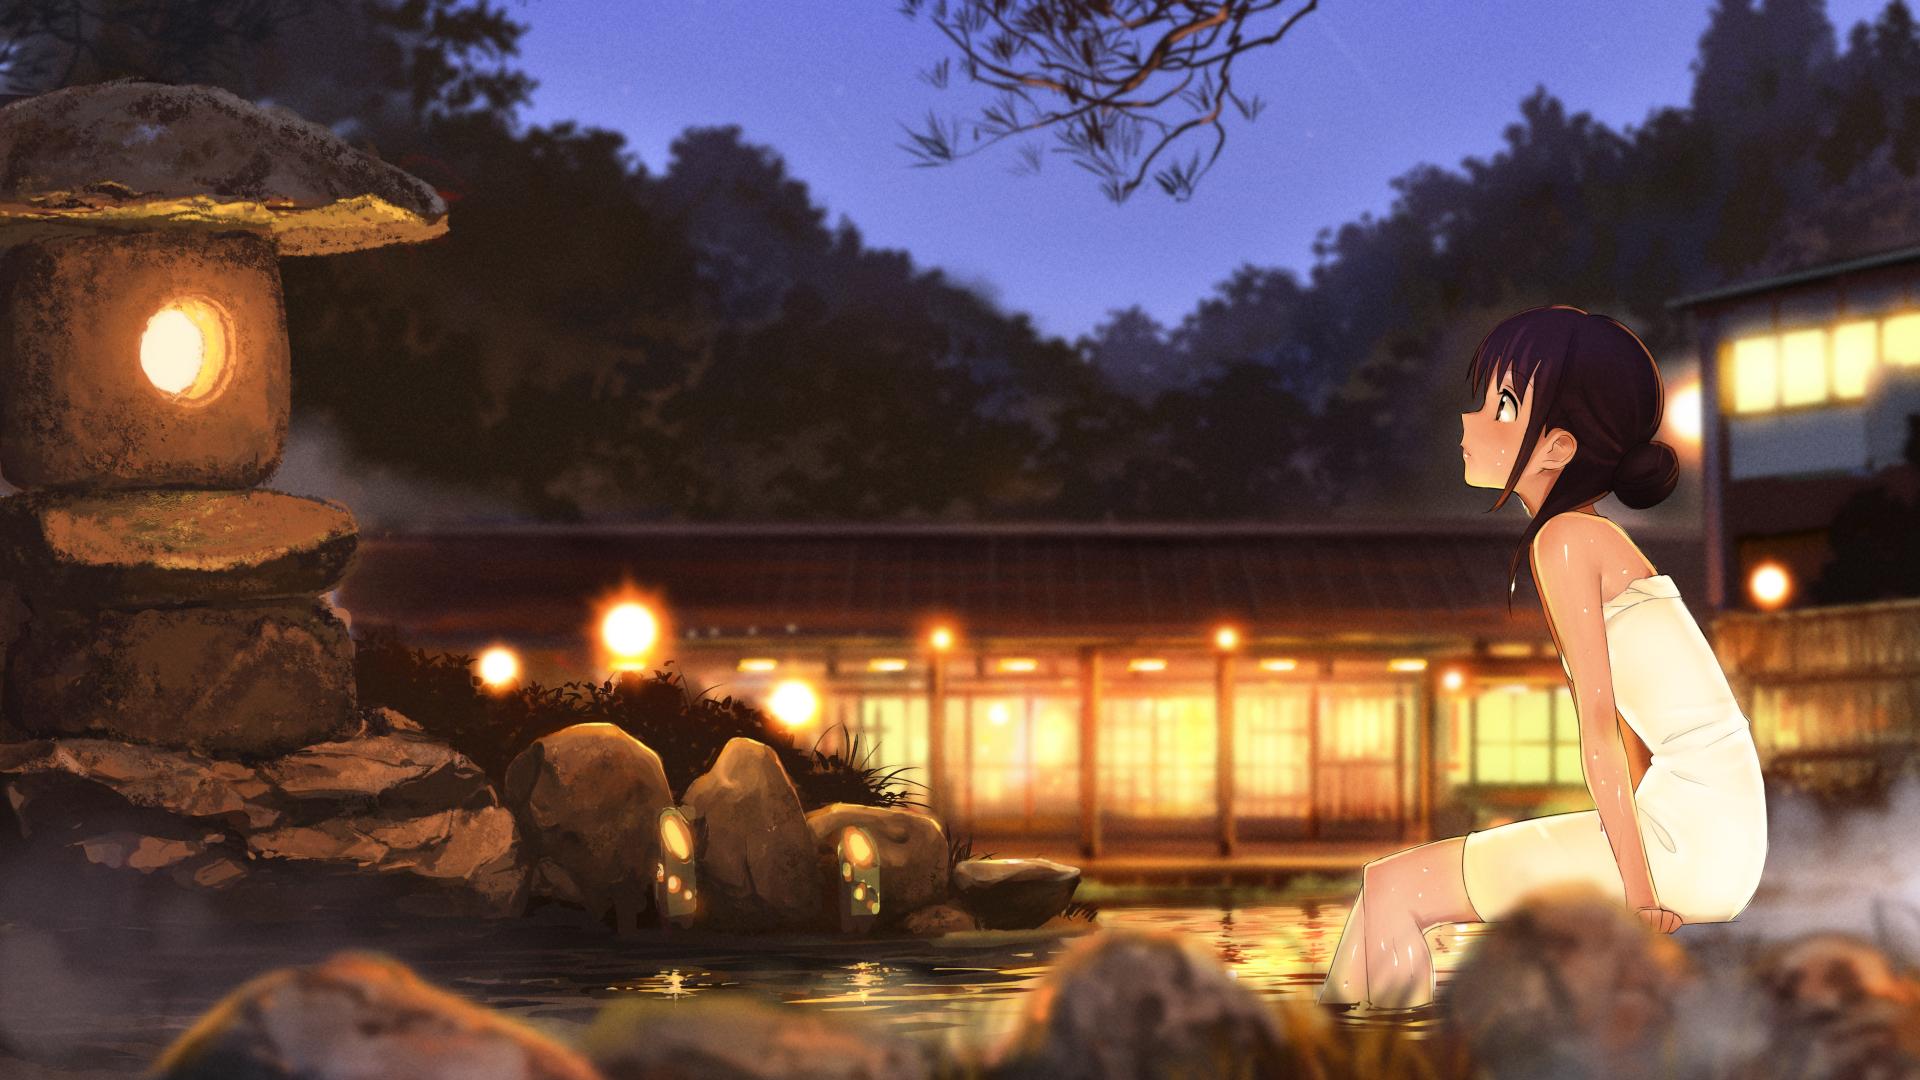 Anime Wallpaper 1920x1080 Anime Girls Hot Spring Girls In 2019